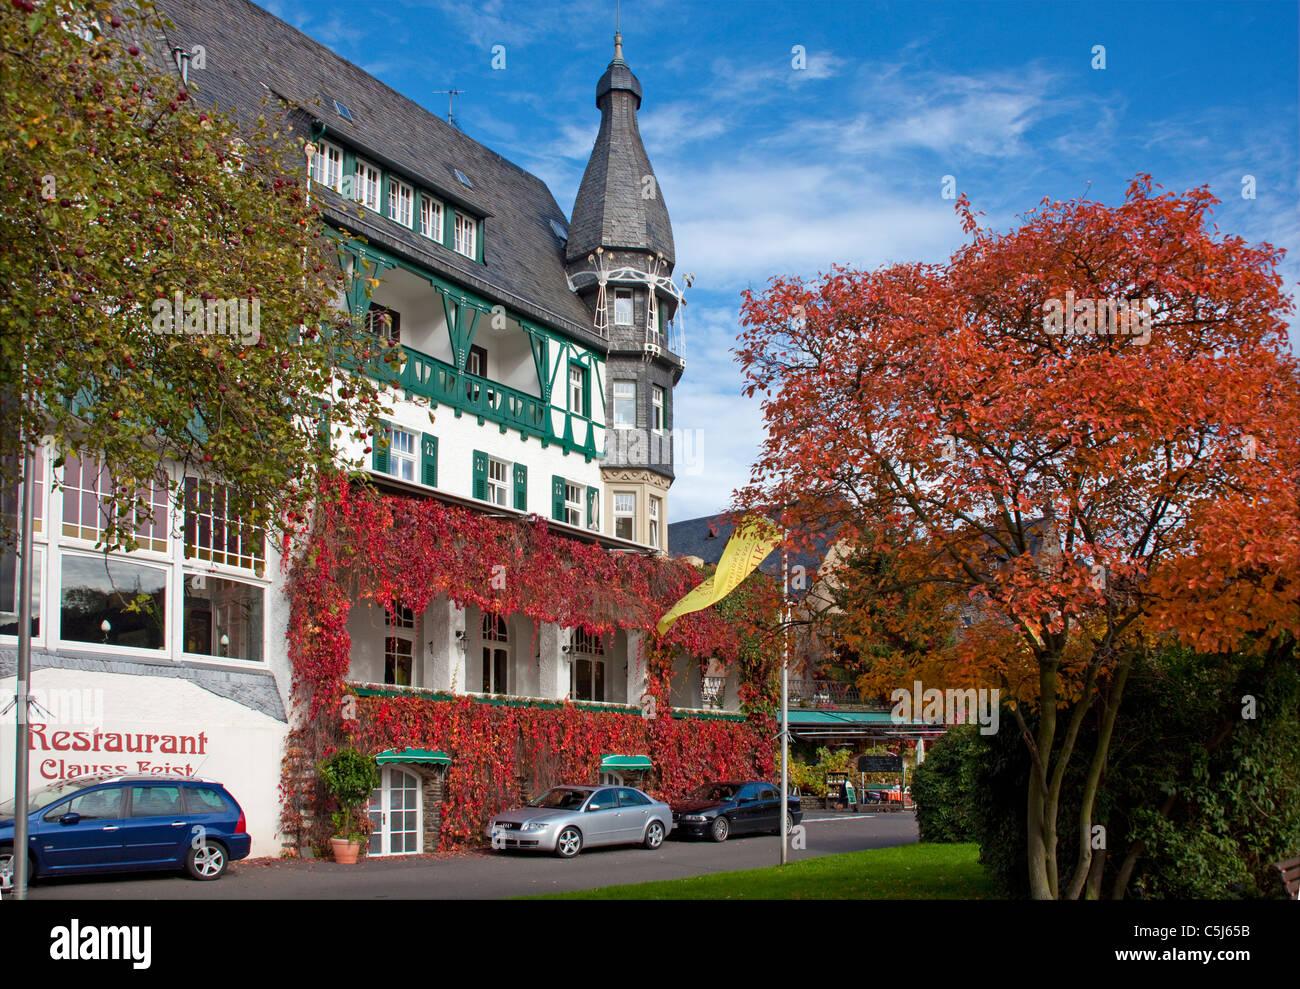 Herbstsstimmung bin Moselufer, Hotel Bellevue, Traben-Trarbach, Mosel, Herbst Farben, Hotel Bellevue am Ufer des Stockbild